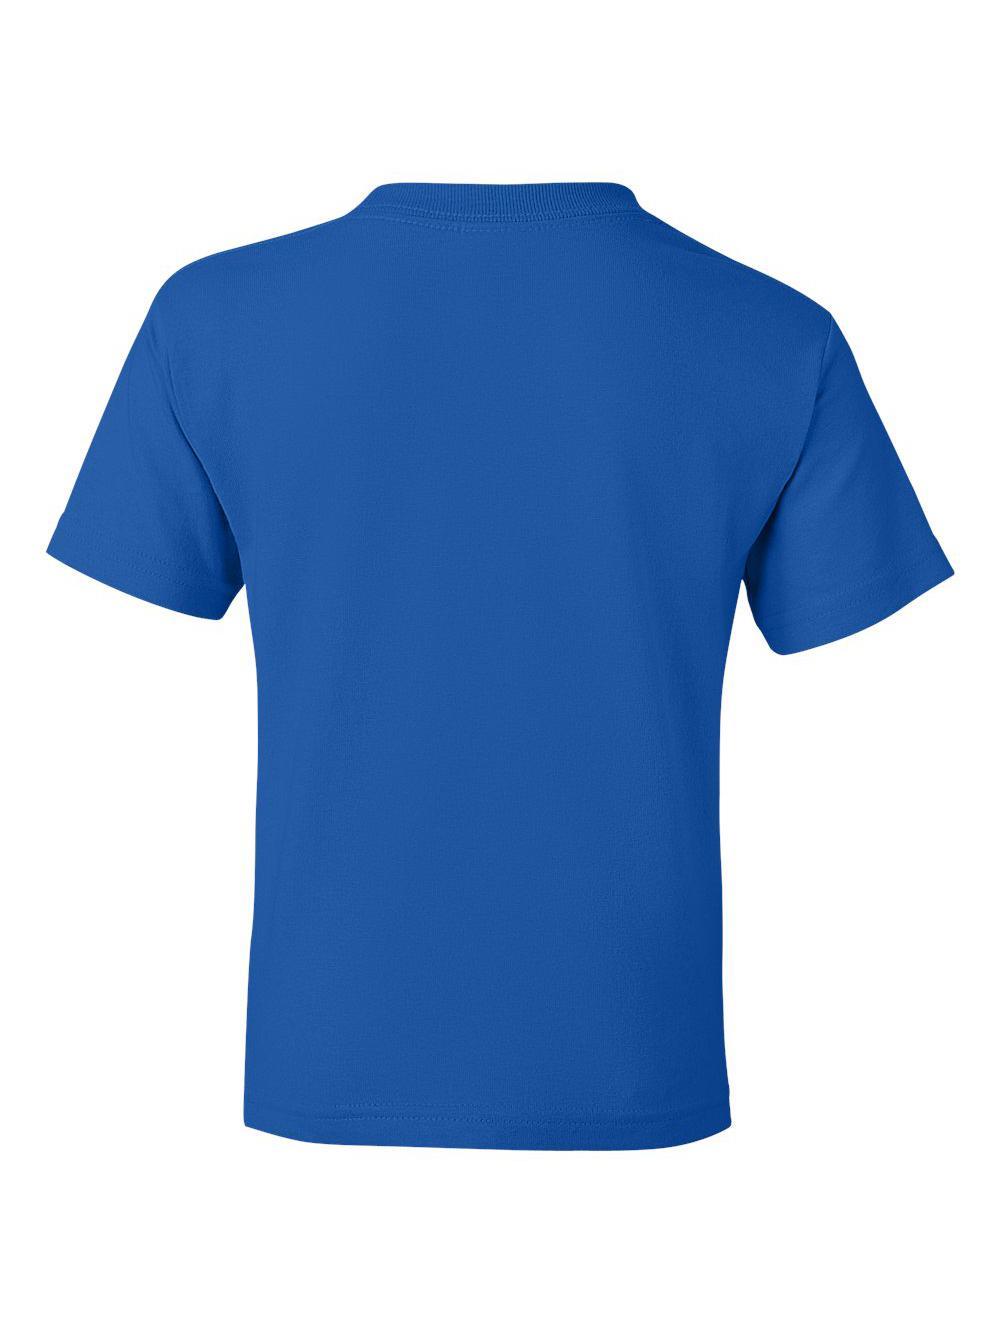 Gildan-DryBlend-Youth-50-50-T-Shirt-8000B thumbnail 79